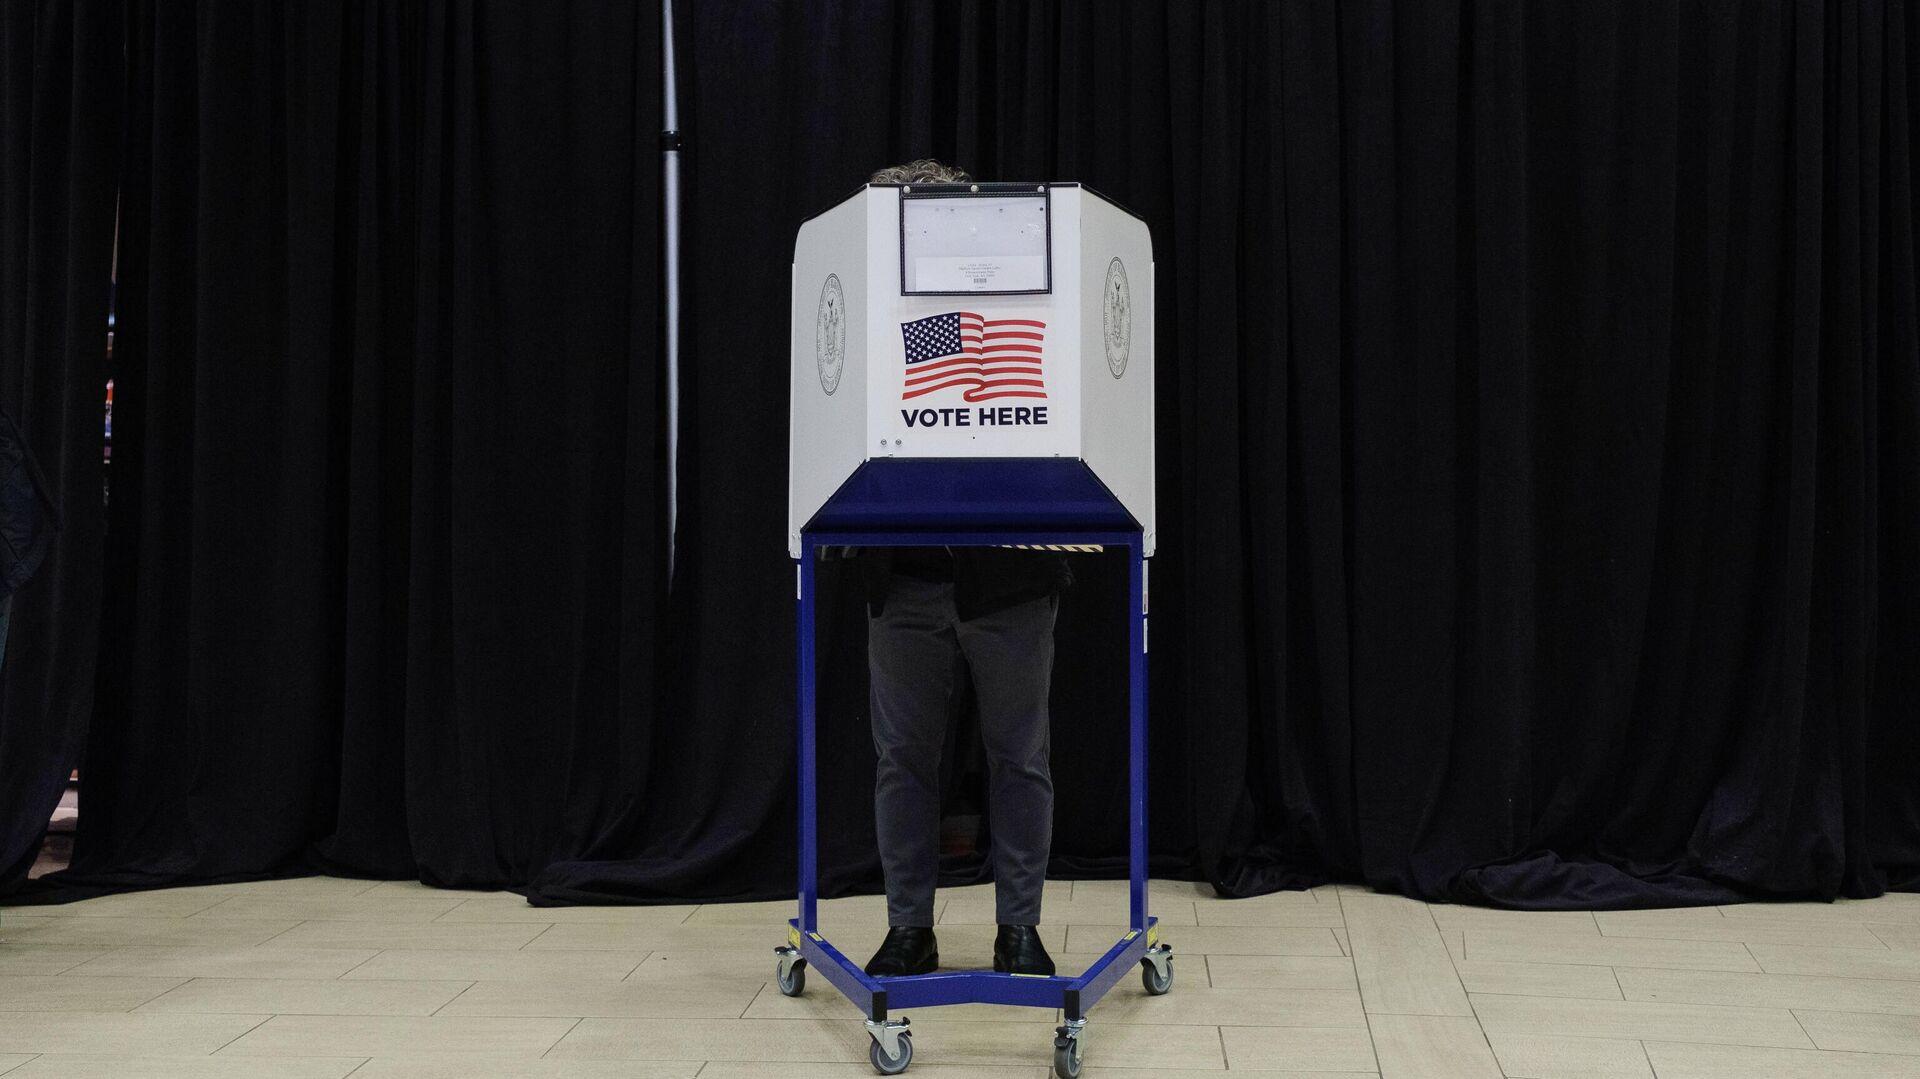 Избиратель во время досрочного голосования на выборах президента США в спортивном комплексе Мэдисон-сквер-гарден в Нью-Йорке - РИА Новости, 1920, 29.10.2020